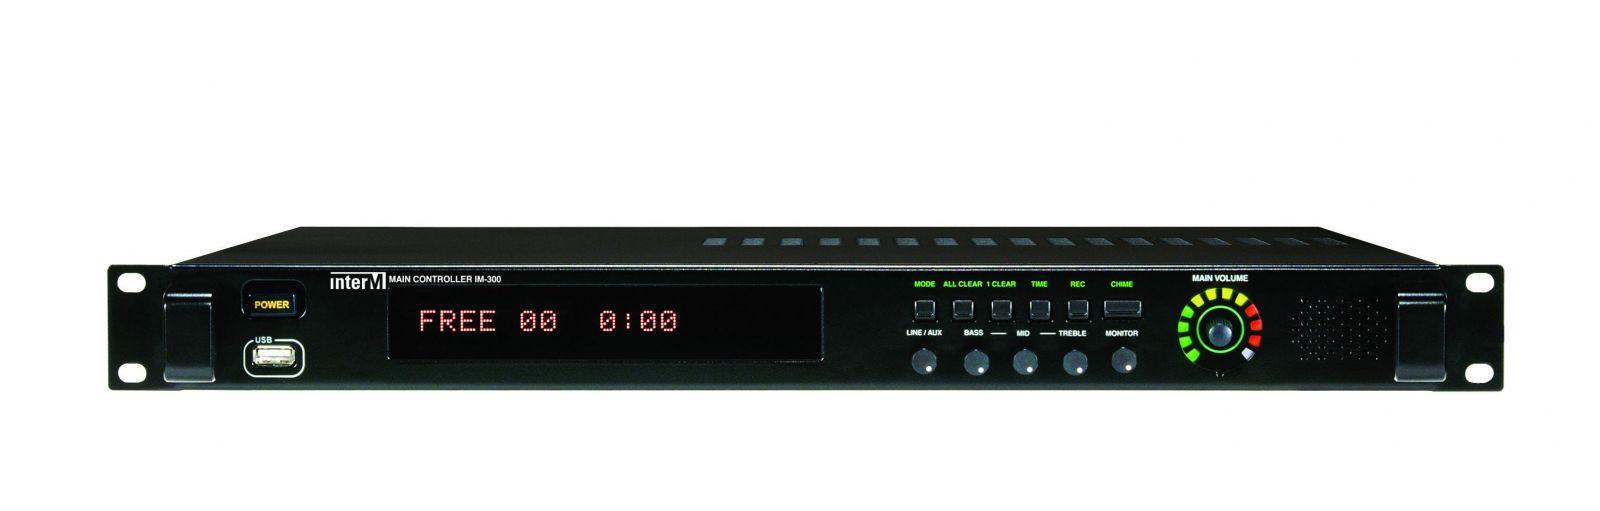 Điều khiển trung tâm - IM-300